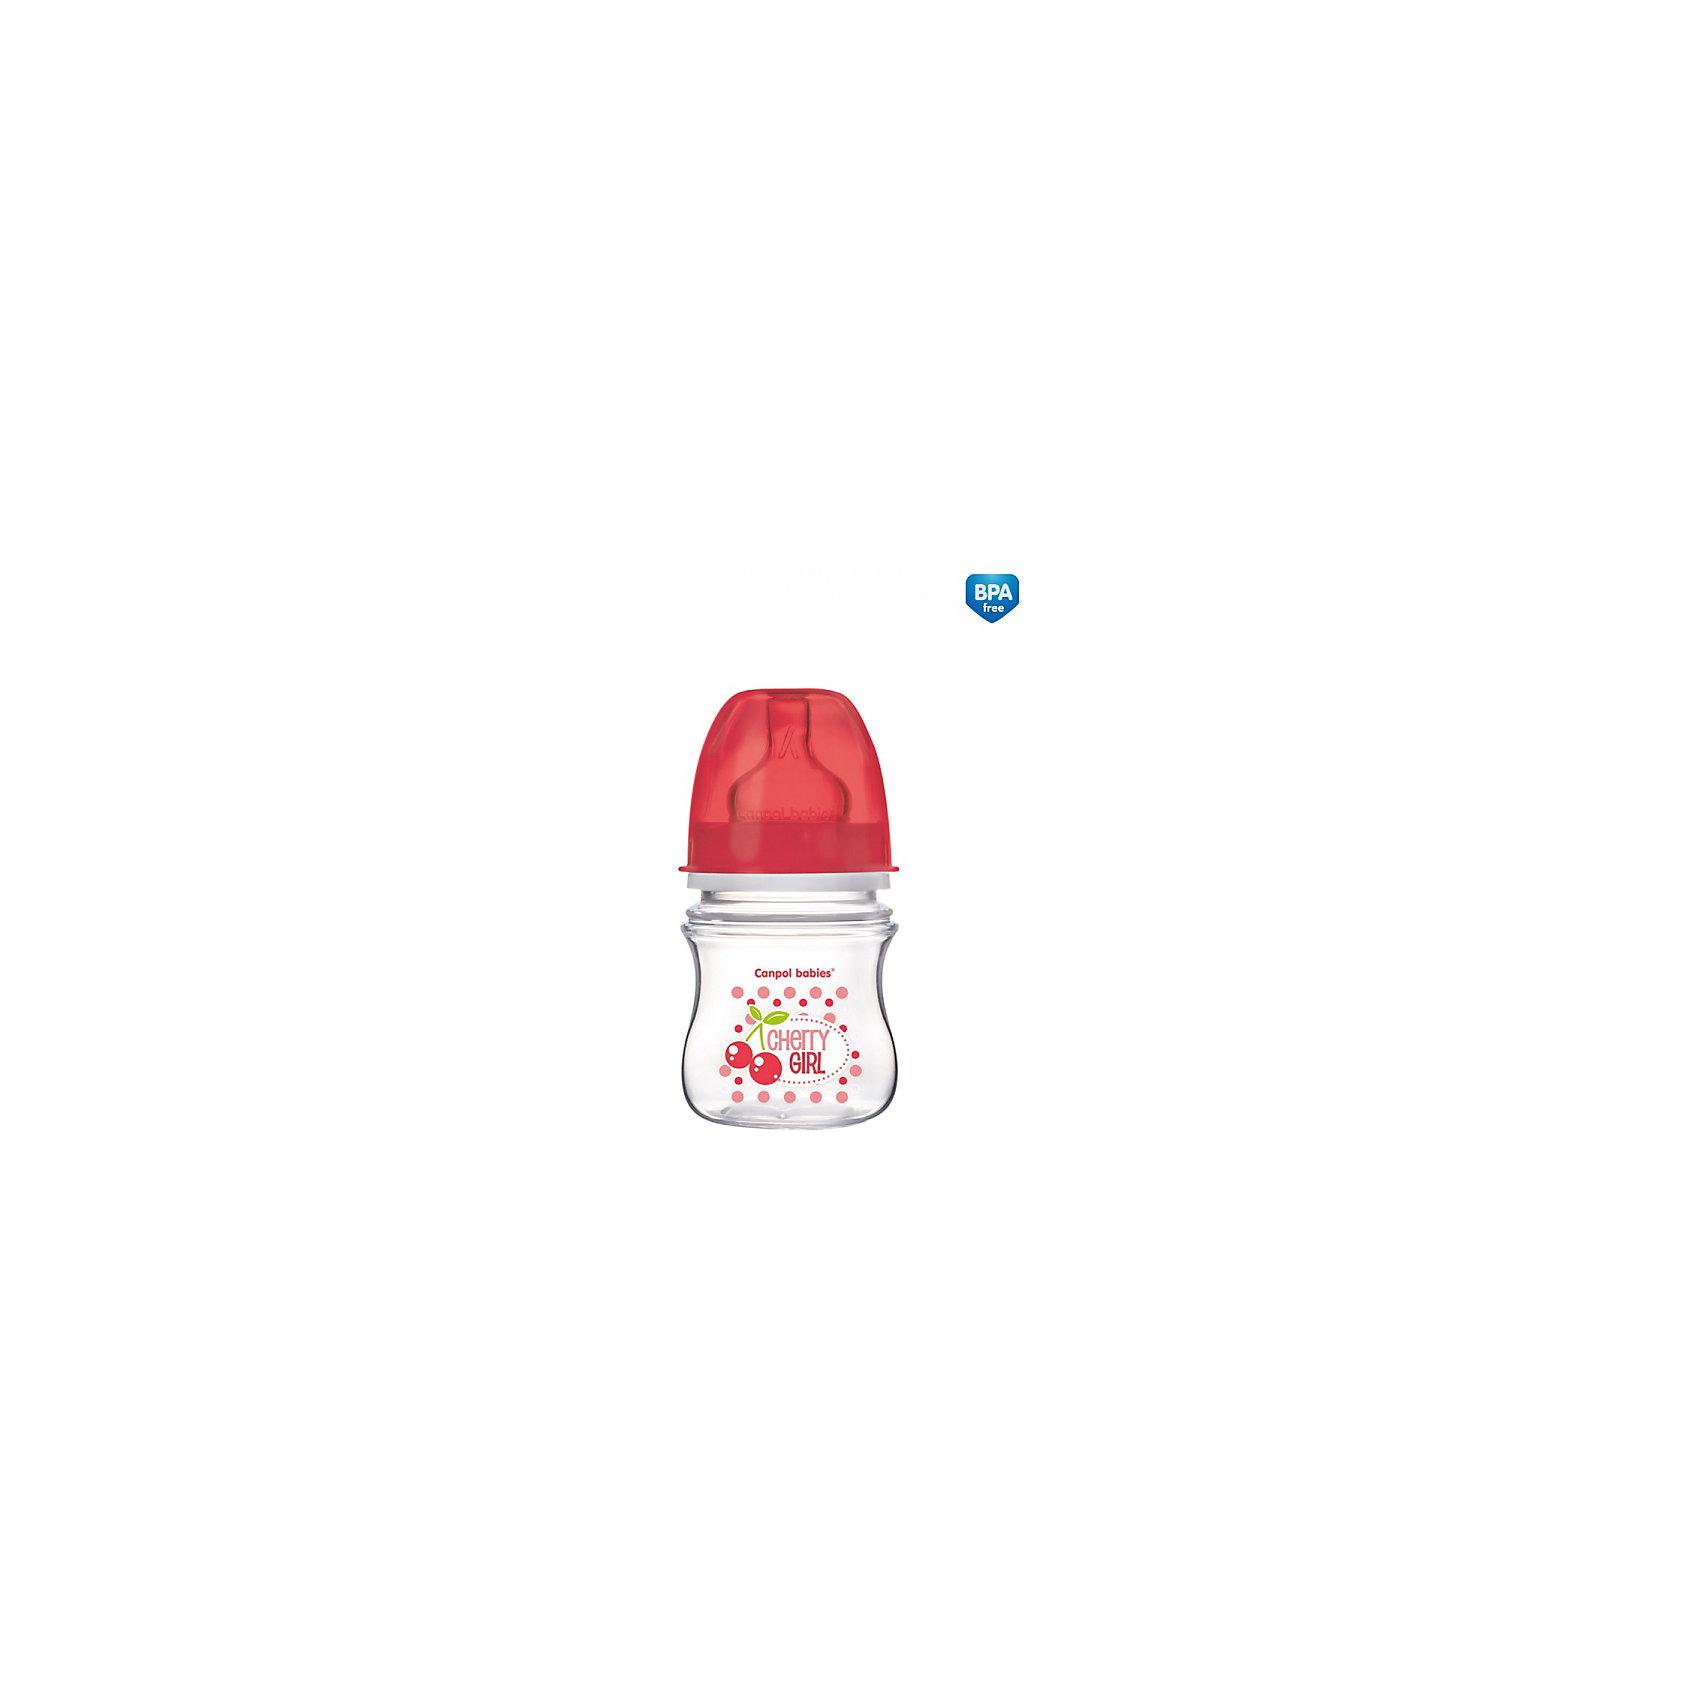 Антиколиковая бутылочка коллекция Фрукты, 120 мл, Canpol Babies, красныйАнтиколиковая бутылочка коллекции Фрукты, Canpol Babies (Канпол Бэбис), сделает кормление малыша еще более приятным и комфортным и поможет совмещать грудное вскармливание и кормление из бутылочки. Благодаря широкой соске, повторяющей форму материнской груди сосательные движения малыша будут такими же, как при кормлении грудью, что значительно снижает риск отказа от груди. Усовершенствованный воздухоотводящий клапан позволяет предотвратить заглатывание воздуха и сокращает риск возникновение колик. Соска с медленным потоком контролирует поток молока, почти как при грудном кормлении, что помогает сократить риск переедания. <br><br>Бутылочка изготовлена на японском оборудовании из высококачественного полипропилена нового поколения. Имеет современный привлекательный дизайн и эргономичную форму, ее очень удобно держать даже малышу. Благодаря широкому горлышку, бутылочку легко мыть и наполнять питанием. На стенке имеется мерная шкала, позволяющая точно рассчитать необходимое количество питания. <br><br>Дополнительная информация:<br><br>- Цвет: красный.<br>- Материал: полипропилен (бутылочка), силикон (соска).<br>- Объем бутылочки: 120 мл.<br>- Возраст: с 3 мес.<br>- Размер бутылочки: 17,5 х 6,3 х 6,5 см.<br>- Вес: 91 гр.<br><br>Антиколиковую бутылочку коллекция Фрукты, 120 мл., Canpol Babies (Канпол Бэбис), красный, можно купить в нашем интернет-магазине.<br><br>Ширина мм: 65<br>Глубина мм: 63<br>Высота мм: 175<br>Вес г: 91<br>Цвет: красный<br>Возраст от месяцев: 0<br>Возраст до месяцев: 3<br>Пол: Унисекс<br>Возраст: Детский<br>SKU: 4341851